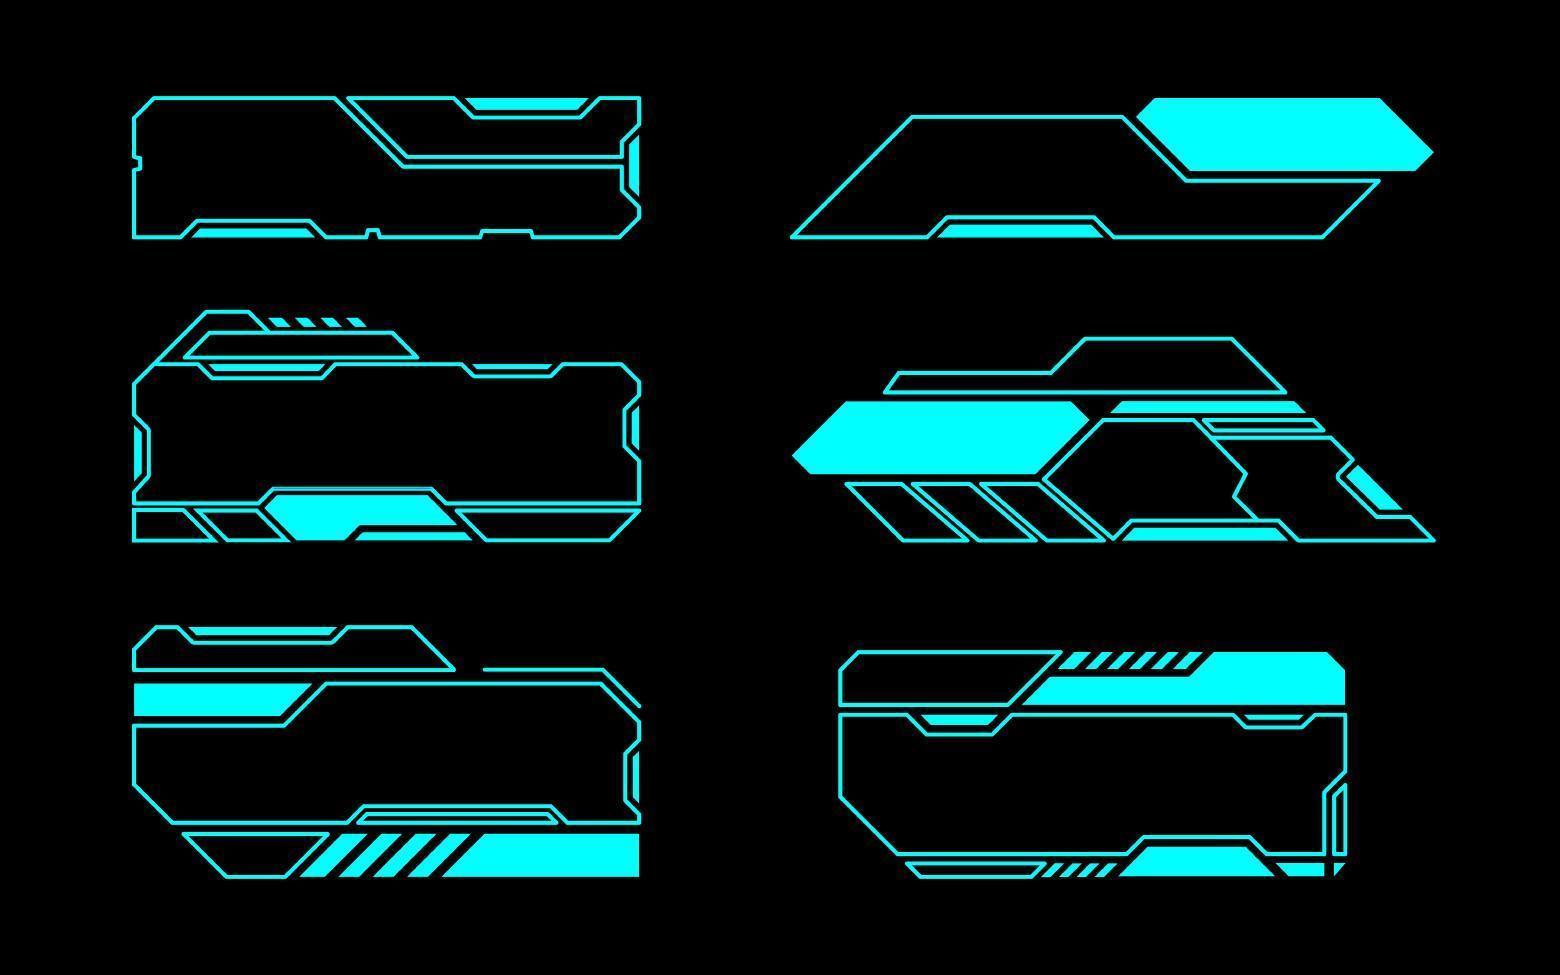 conjunto de marcos geométricos angulados de interfaz futura vector